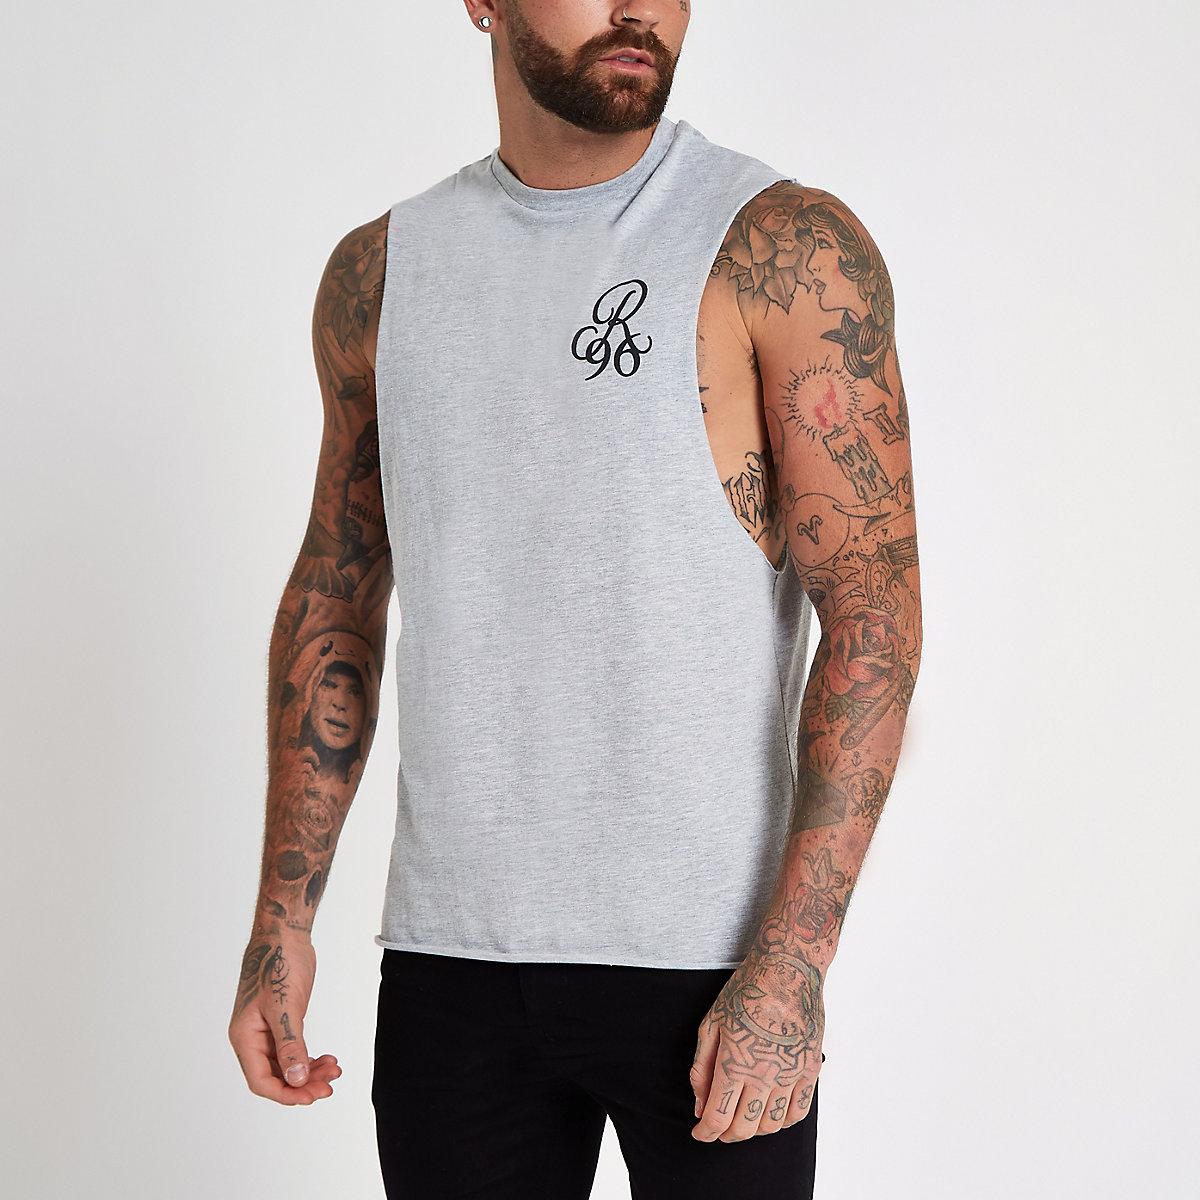 Grey R96 print tank vest